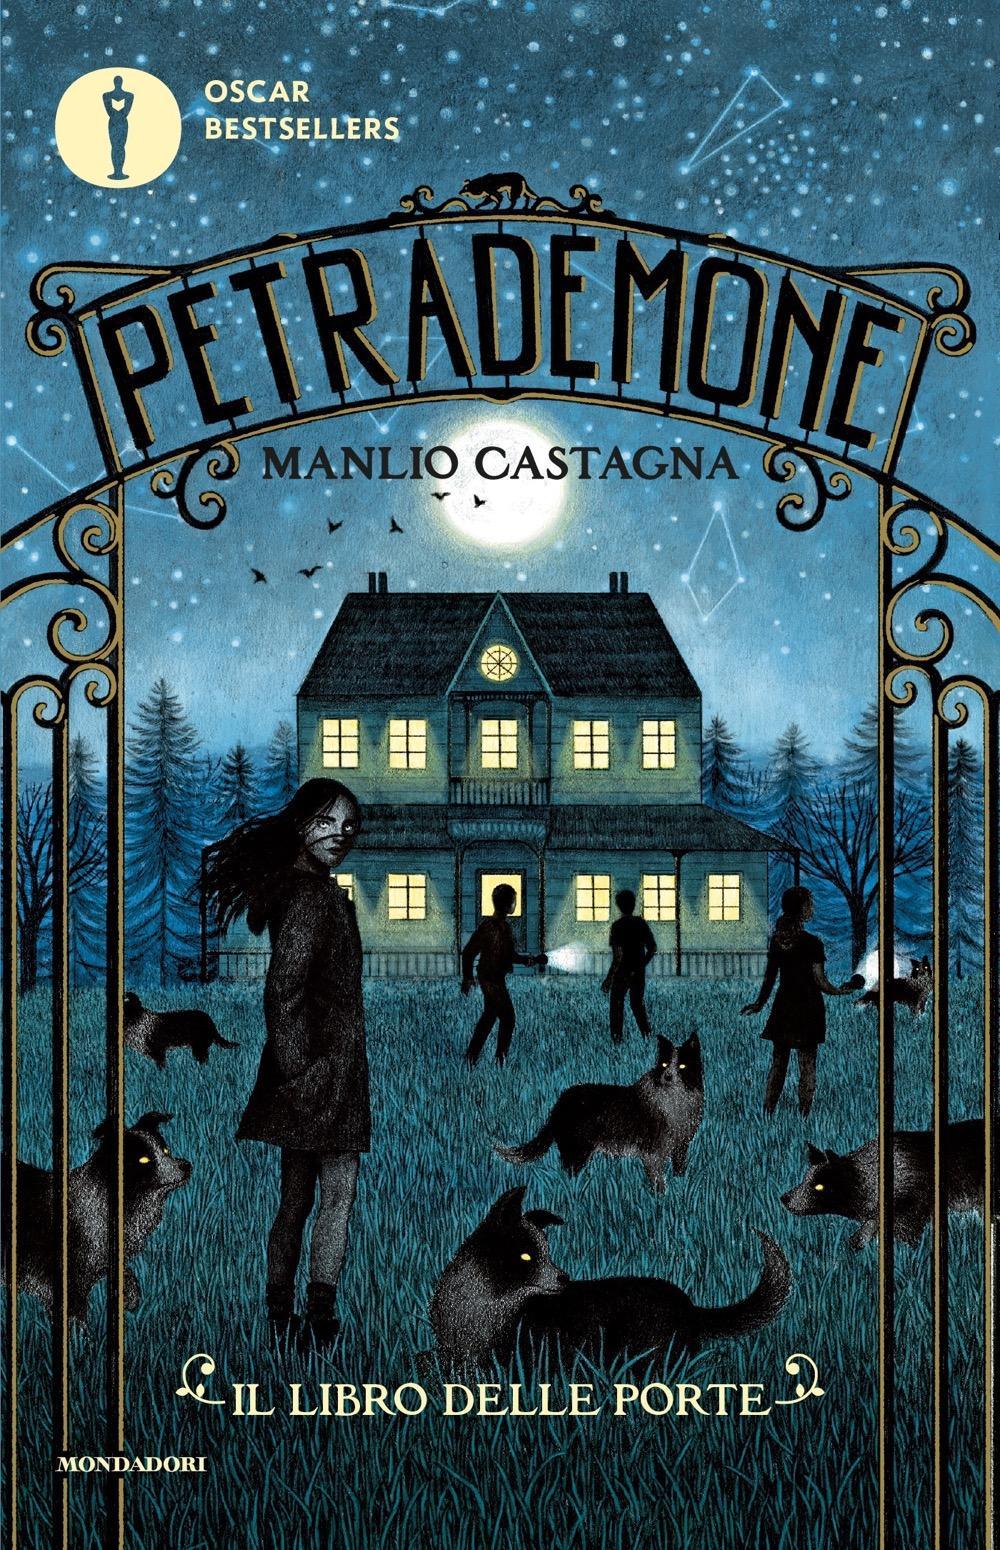 Petrademone - 1. Il libro delle porte